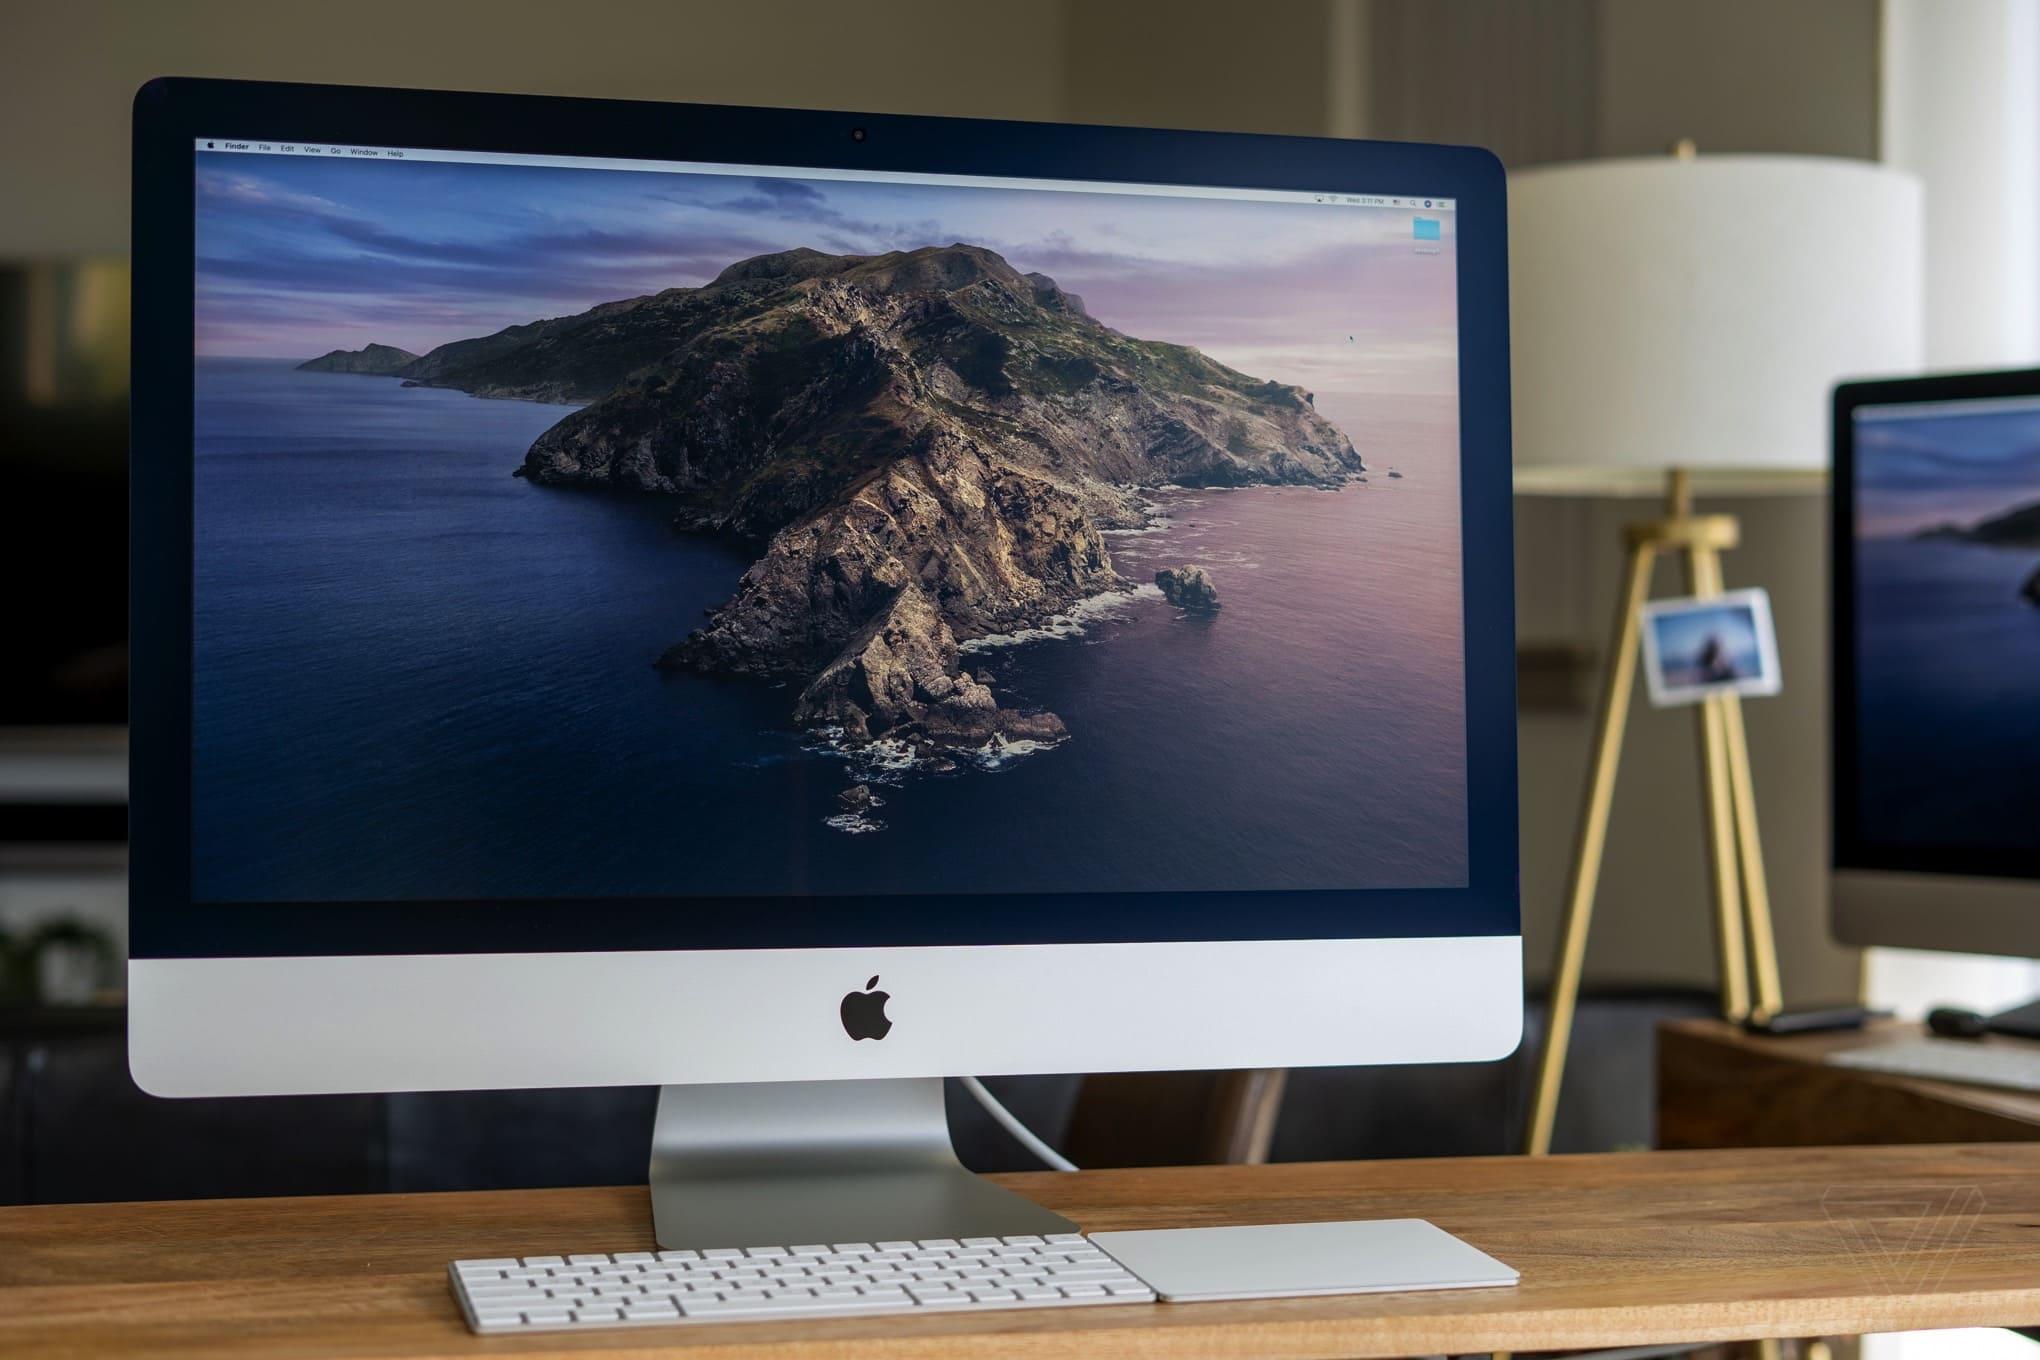 Đánh giá Apple iMac 27 inch (2020): chiếc iMac cuối cùng kết thúc kỷ nguyên  Intel ở Apple - VnReview - Đánh giá